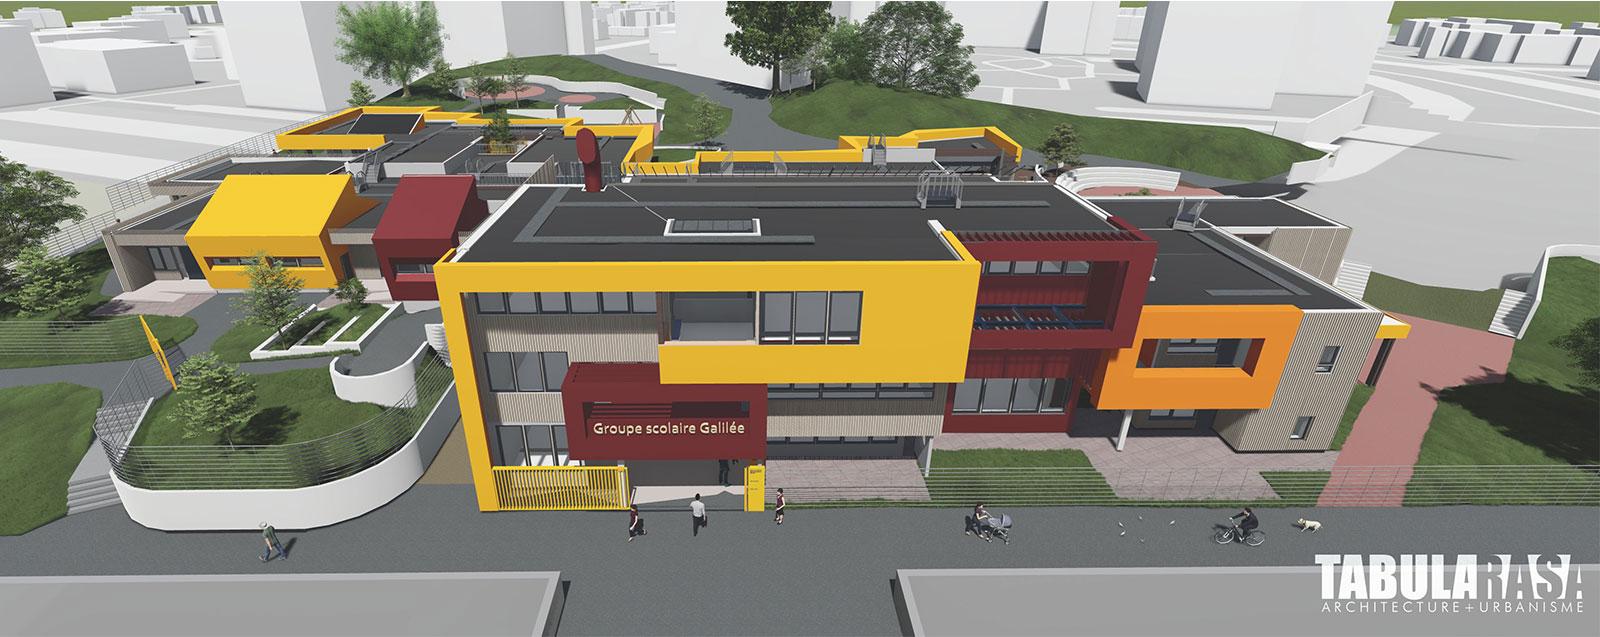 Réhabilitation École Galilée - © Tabula Rasa